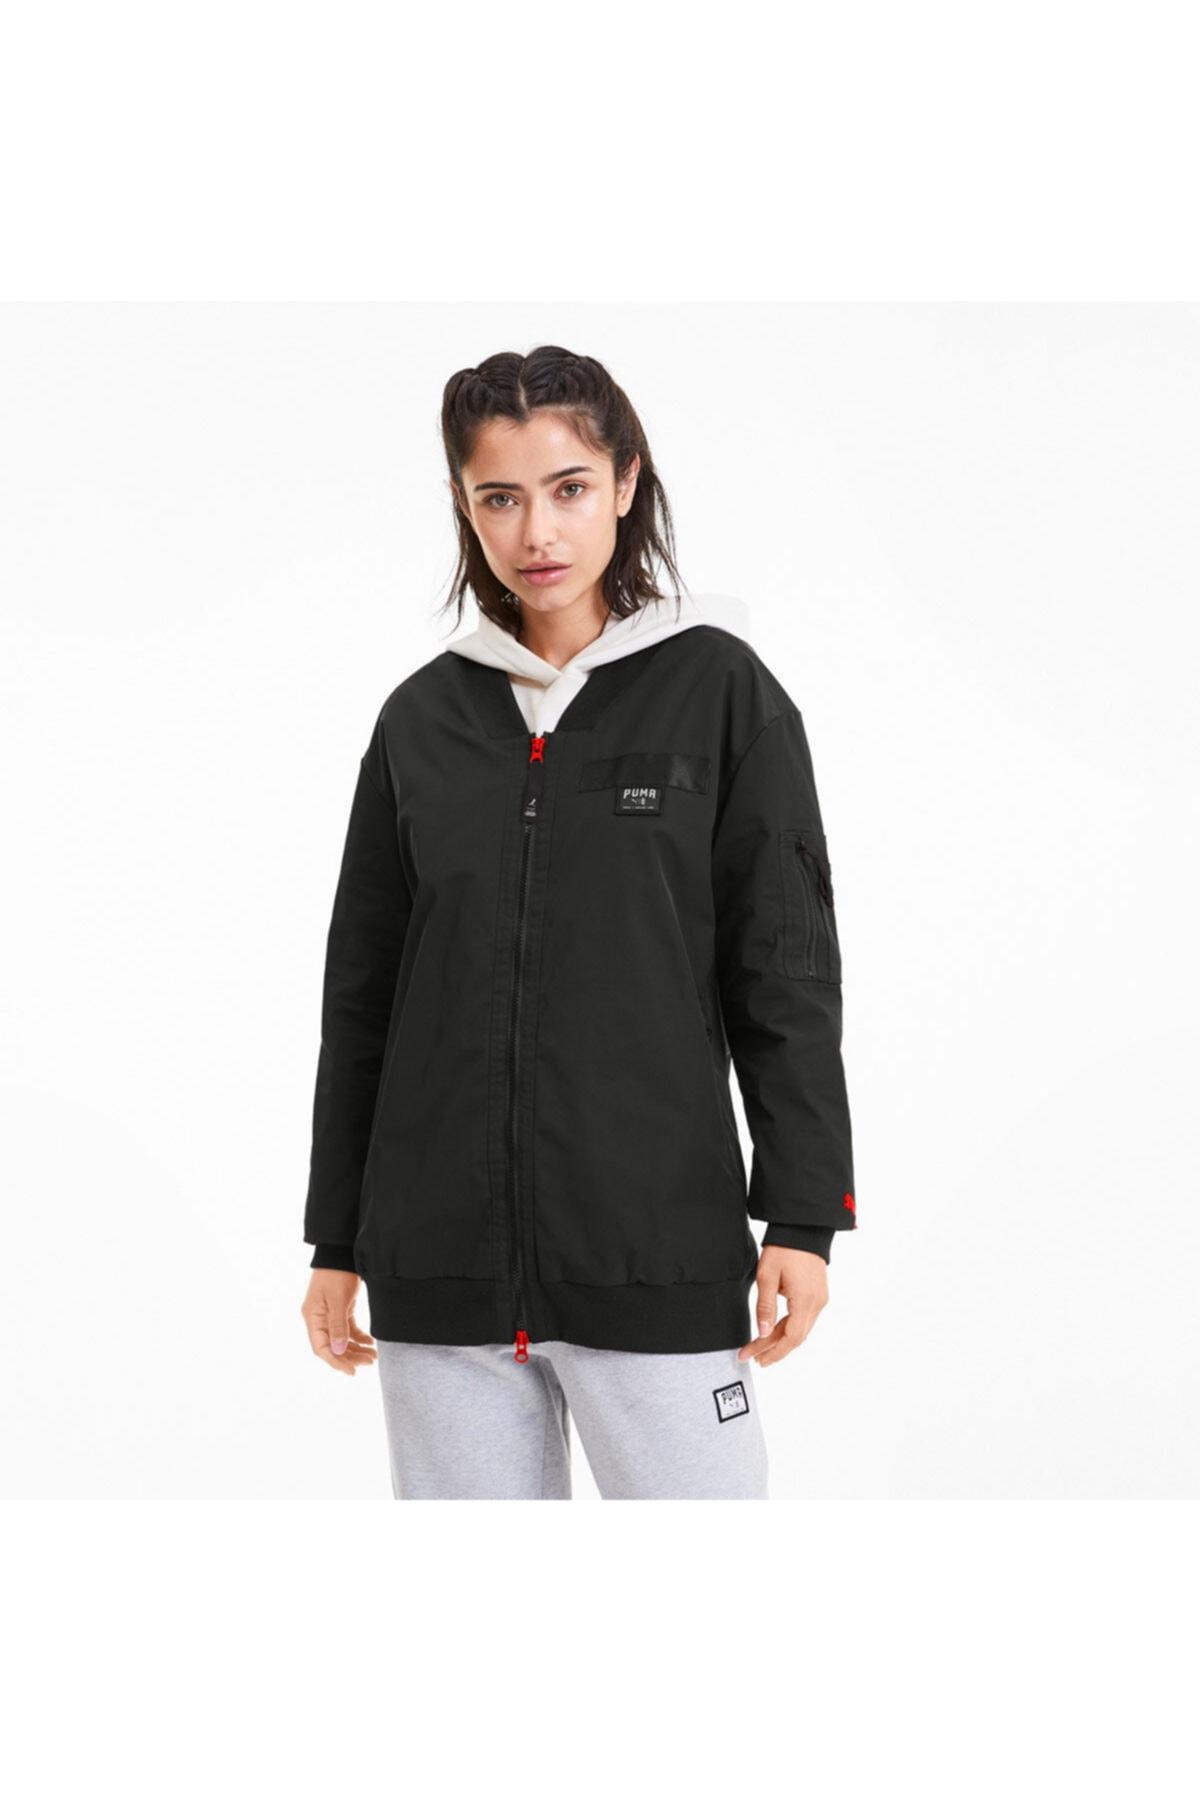 خرید نقدی گرمکن ورزشی زنانه  برند Puma رنگ مشکی کد ty37633746